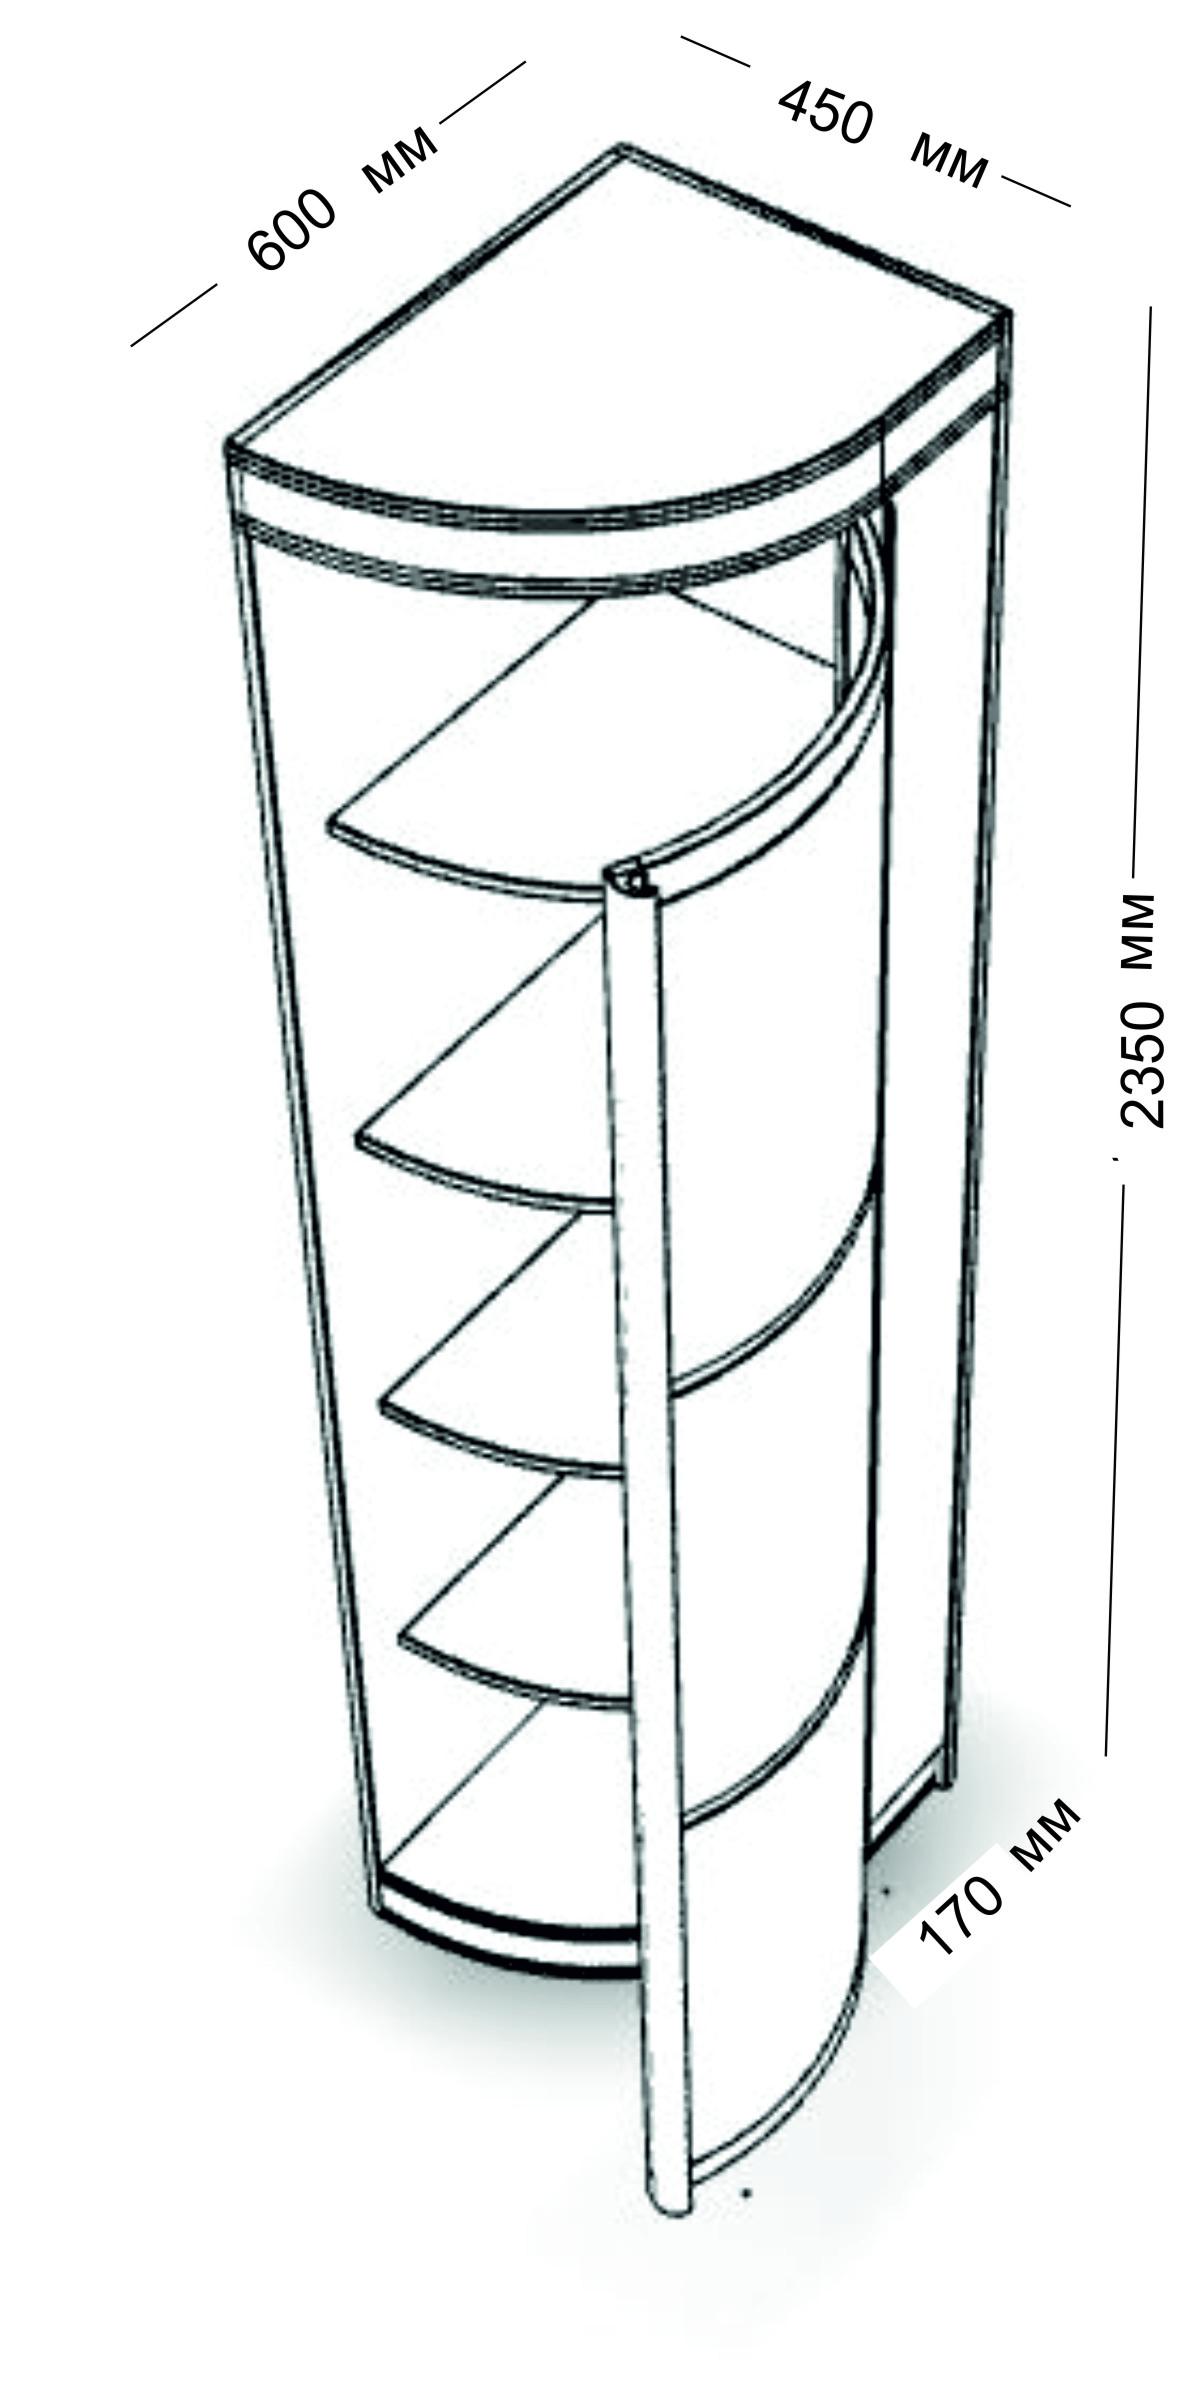 Шкаф-купе радиусный ассиметричный радион рио левый.